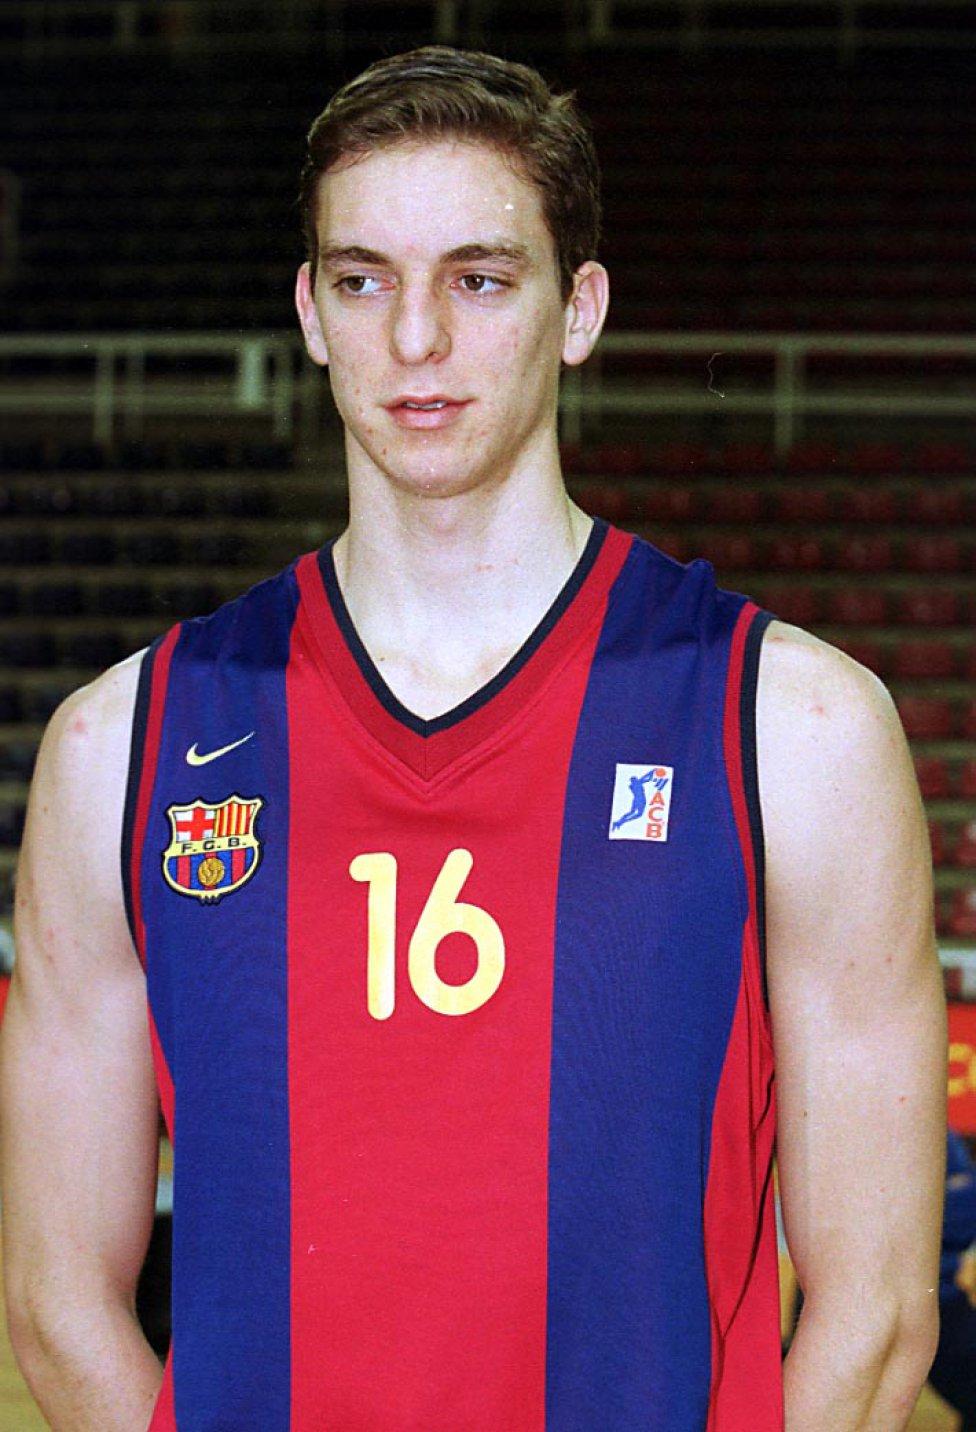 Triunfó desde sus inicios en el Barcelona, donde conquistó el Campeonato de España Junior, la Copa del Rey, varios títulos ACB...